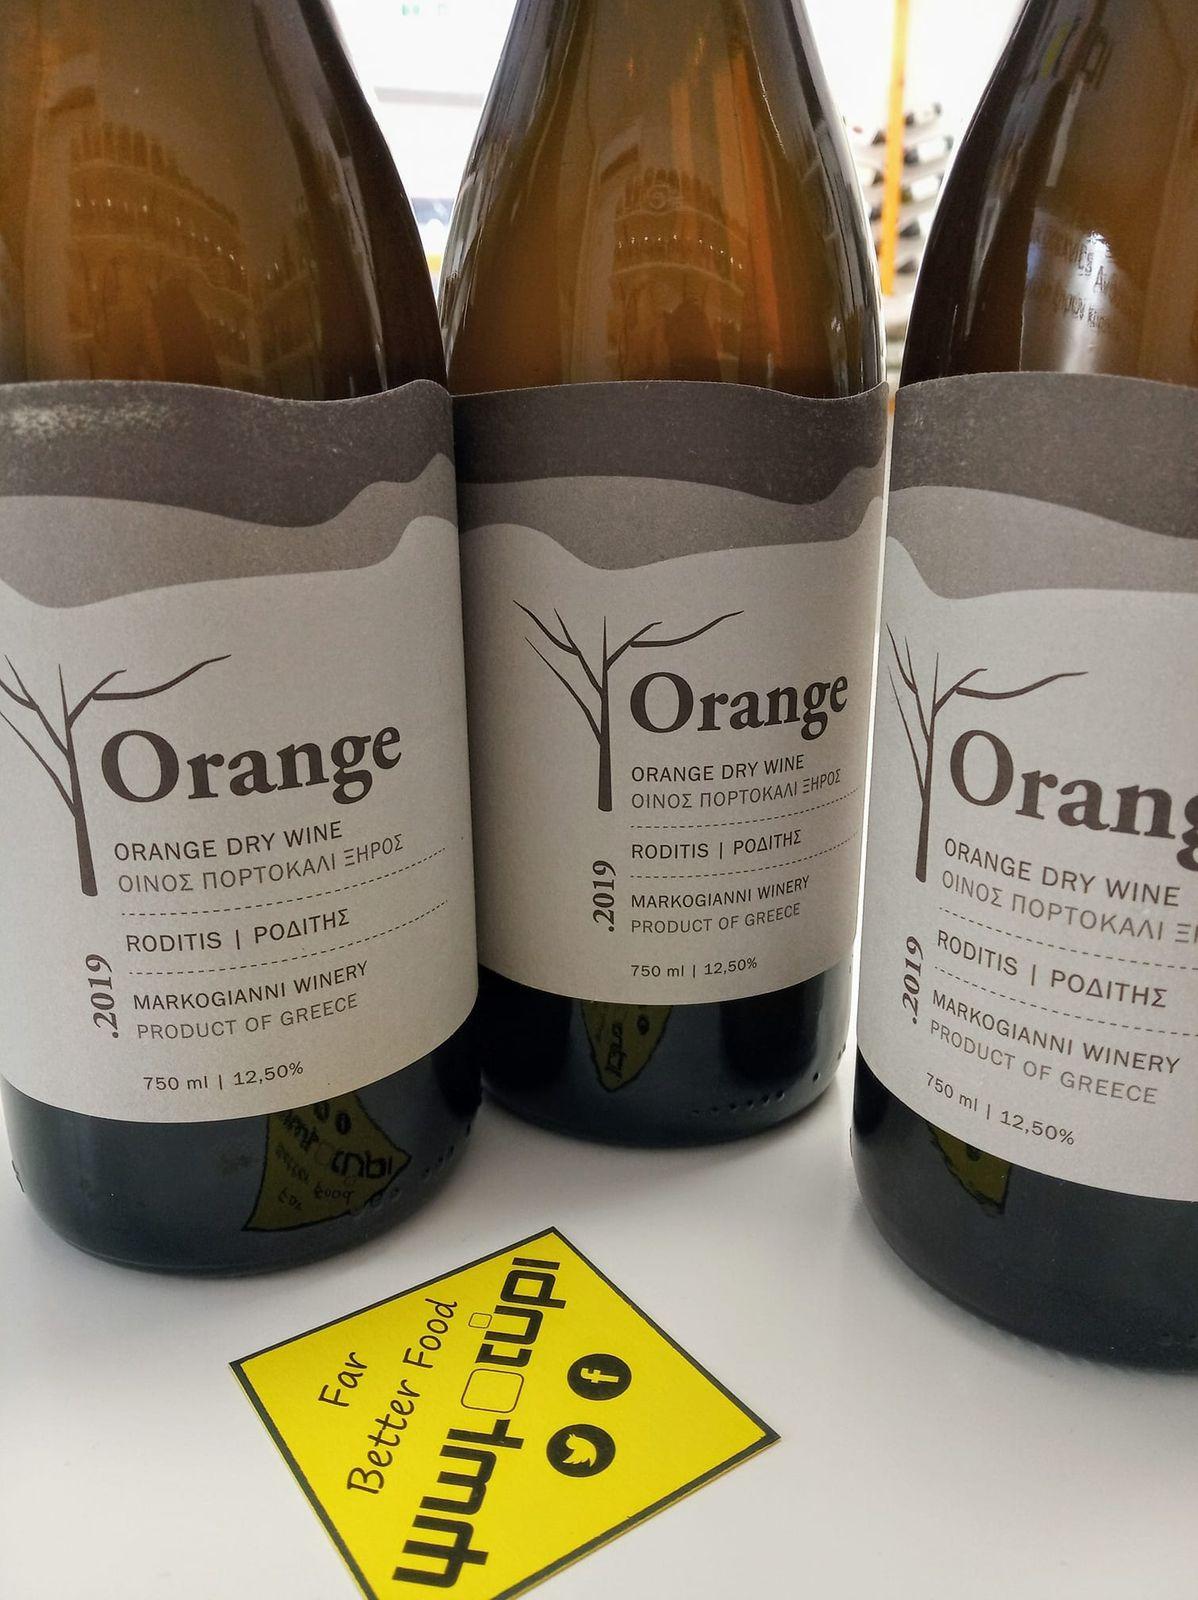 Ο Σομελιέ της γειτονιάς σας, σας καλωσορίζει στο φινετσάτο και διακριτικό κόσμο του πορτοκαλί κρασιού!  Ο λόγος για έναν Ροδίτη από κλήματα 30 ετών, που μένει με τα στέμφυλα για 12 ημέρες και έπειτα ζυμώνει σε ανοξείδωτη δεξαμενή. Εμφιαλώνεται χωρίς θειώδη ή άλλες παρεμβάσεις και το αποτέλεσμα, είναι απλά μαγικό!  Δοκιμάζοντας.. Χρώμα κεχριμπαρί λόγω της επαφής με τις φλούδες για 12 ημέρες, ιδιαίτερα ανθικό με νότες ξηρών καρπών και άγριων βοτάνων. Αρώματα βουτύρου και ψημένου ψωμιού. Το στόμα είναι γεμάτο, ελαφρά ταννικό και θυμίζει χυμούς φρούτων, ενώ το εγκλωβισμένο διοξείδιο του άνθρακα από την αργή ζύμωση πολλών μηνών, ισορροπεί το αλκοόλ και αποδίδει ισχύ και ενέργεια. Η επίγευση είναι ιδιαίτερη, με διάρκεια και αρωματική ένταση.  Ο Orange Ροδίτης  του οινοποιείου Μαρκόγιαννη, αγαπά τα πιο ζόρικα πιάτα (σούπες, παλαιωμένα τυριά, θαλασσινά). Απολαύστε το και ως εξαιρετικό απεριτίφ!  Υγιαίνετε κι αγαλλιάσθε!  #psomotirifarbetterfood #healthylife #wine #orange #orangewine #aperitivo #markogianniwinery